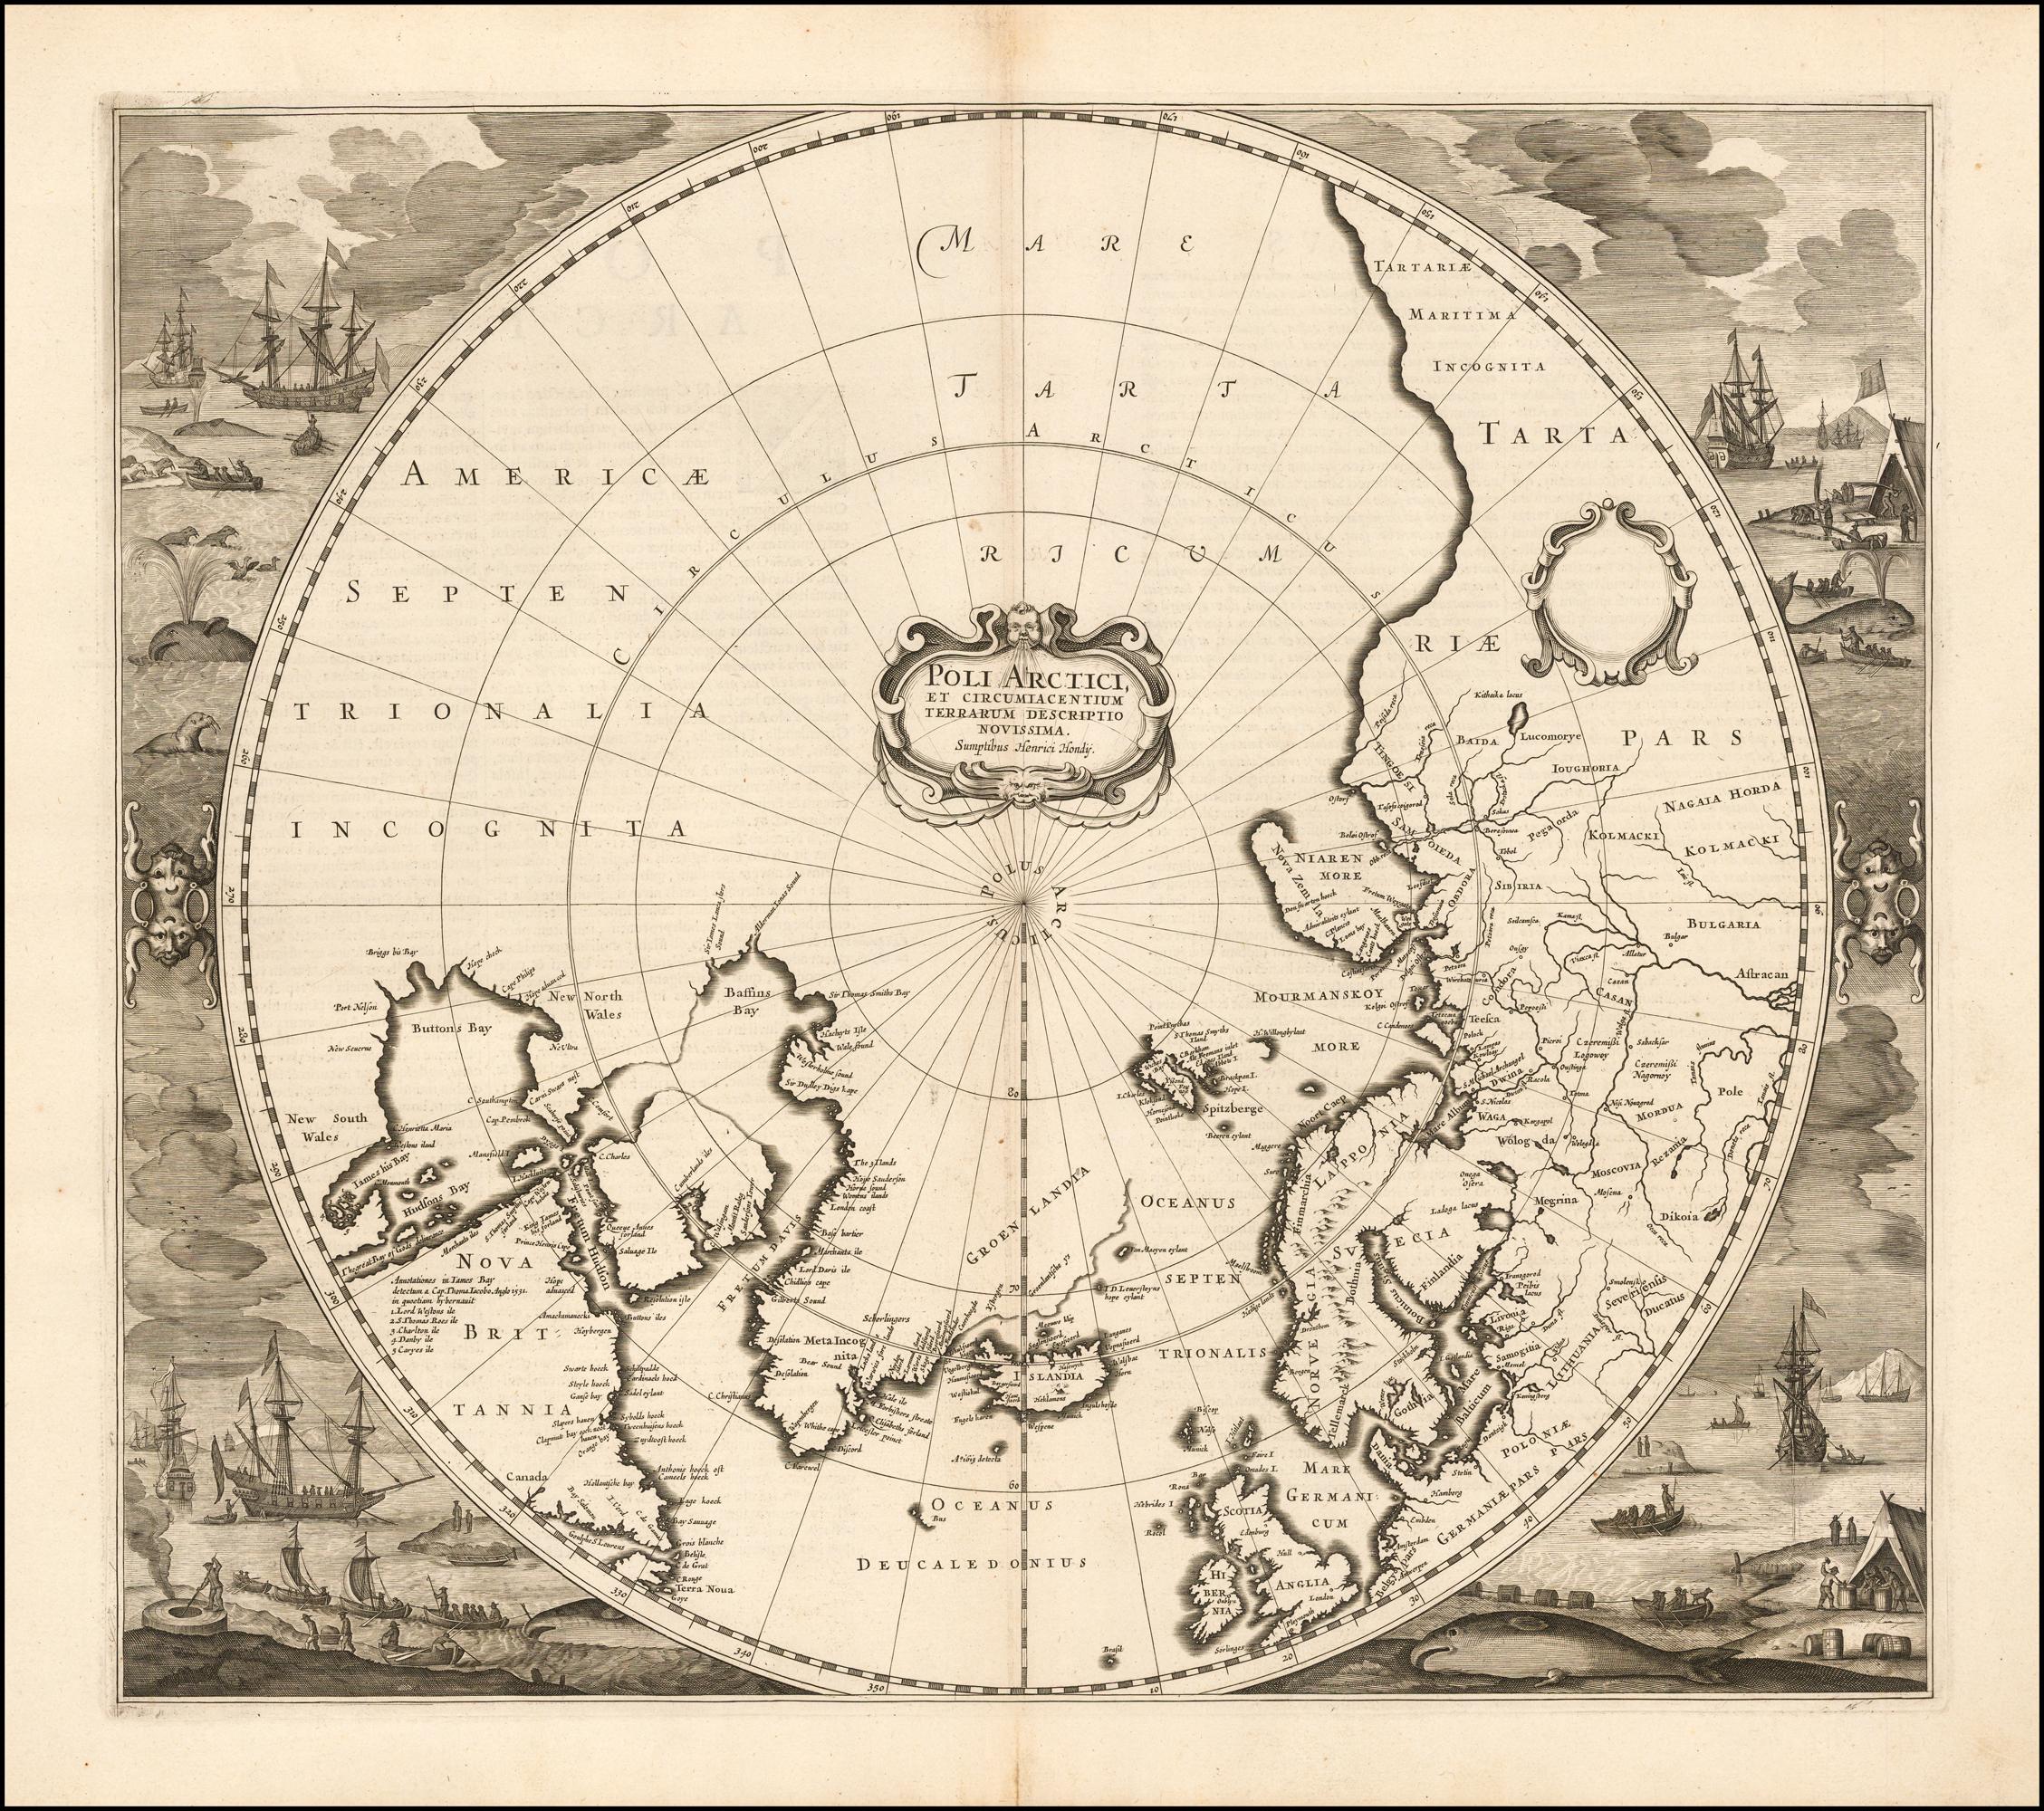 карта северных полярных областей Генриха Хондиуса, впервые изданная в 1636 году